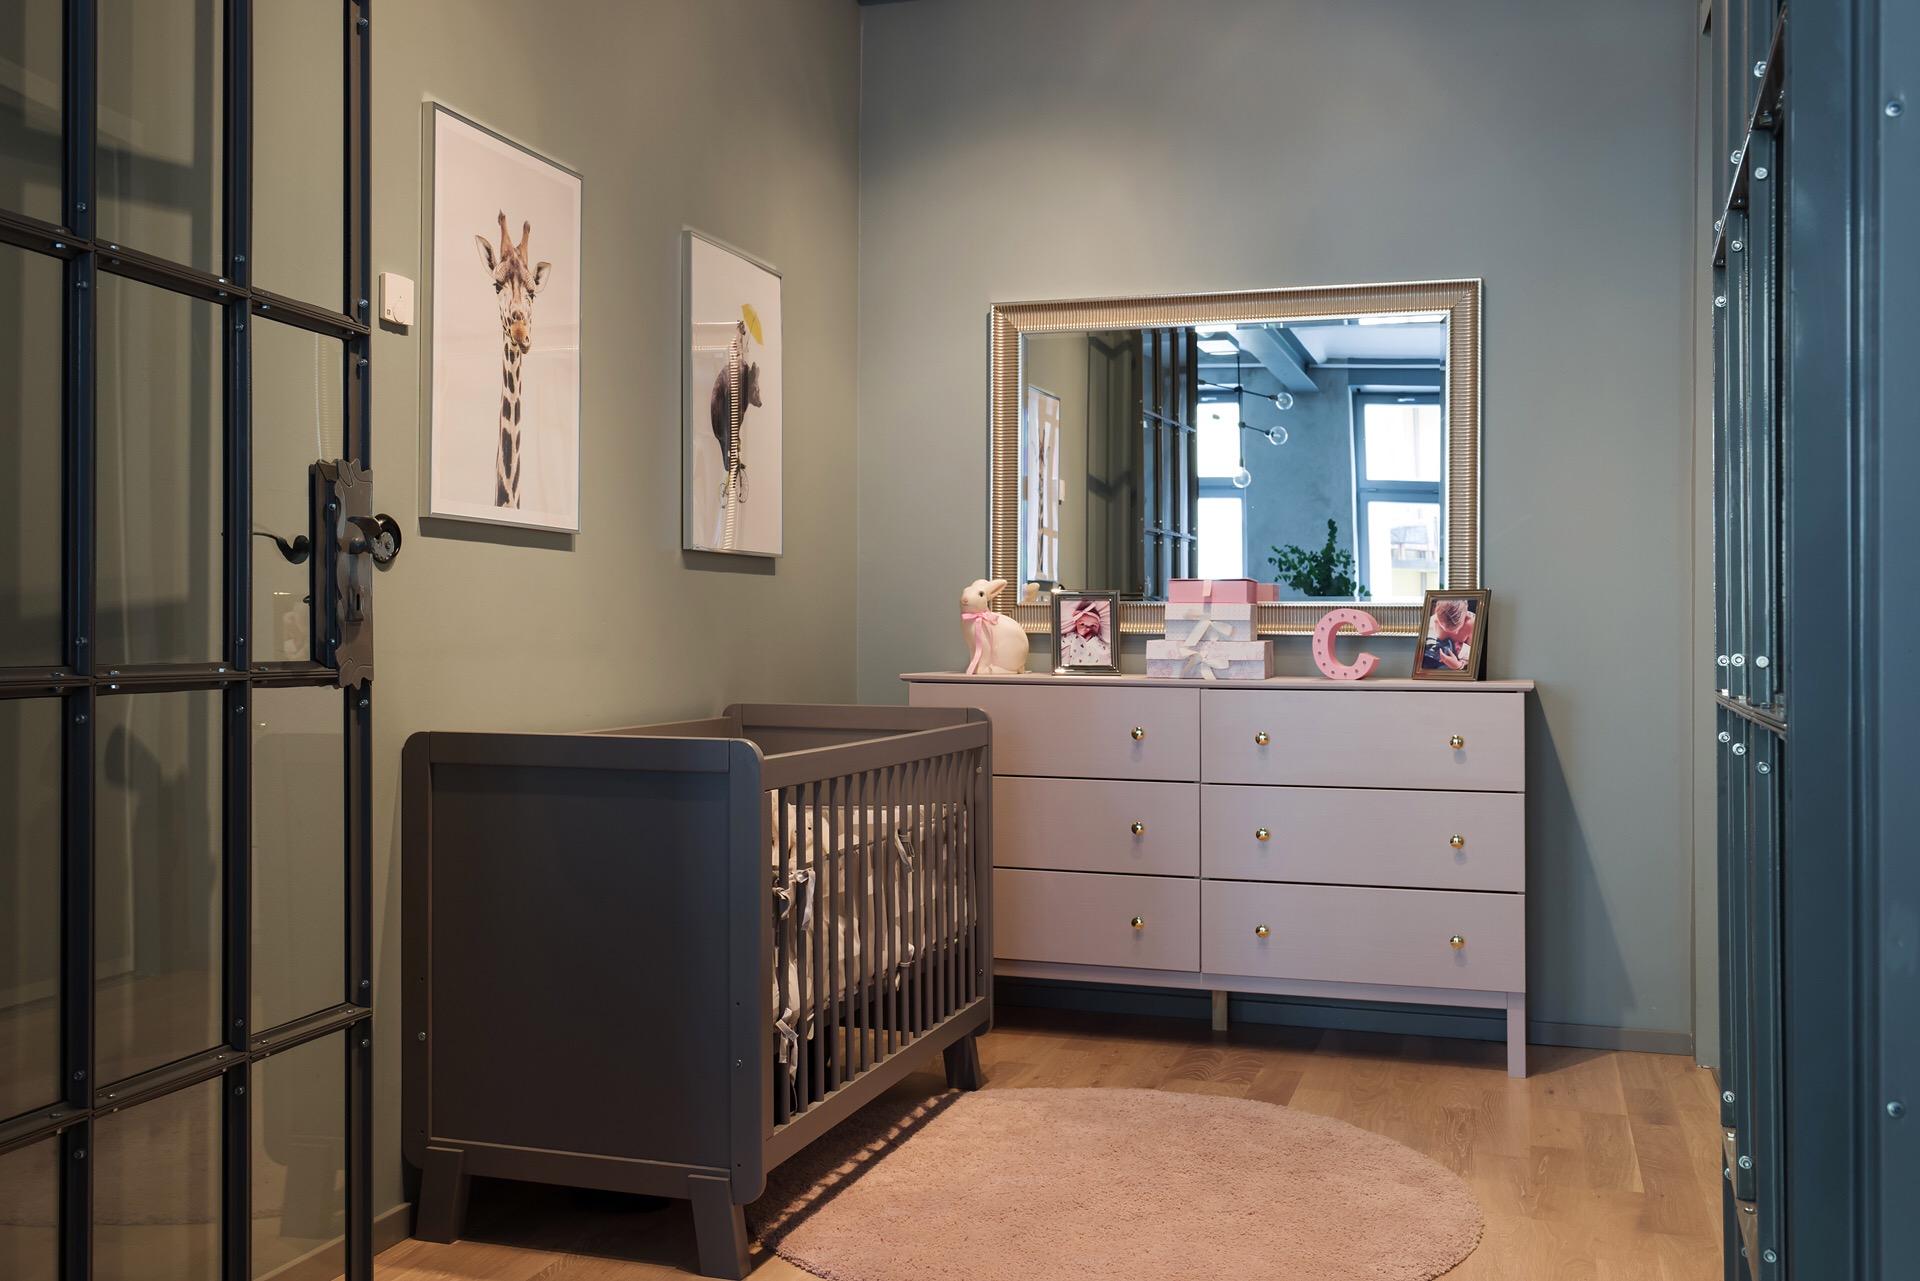 детская комната сварная стеклянная перегородка кроватка комод зеркало